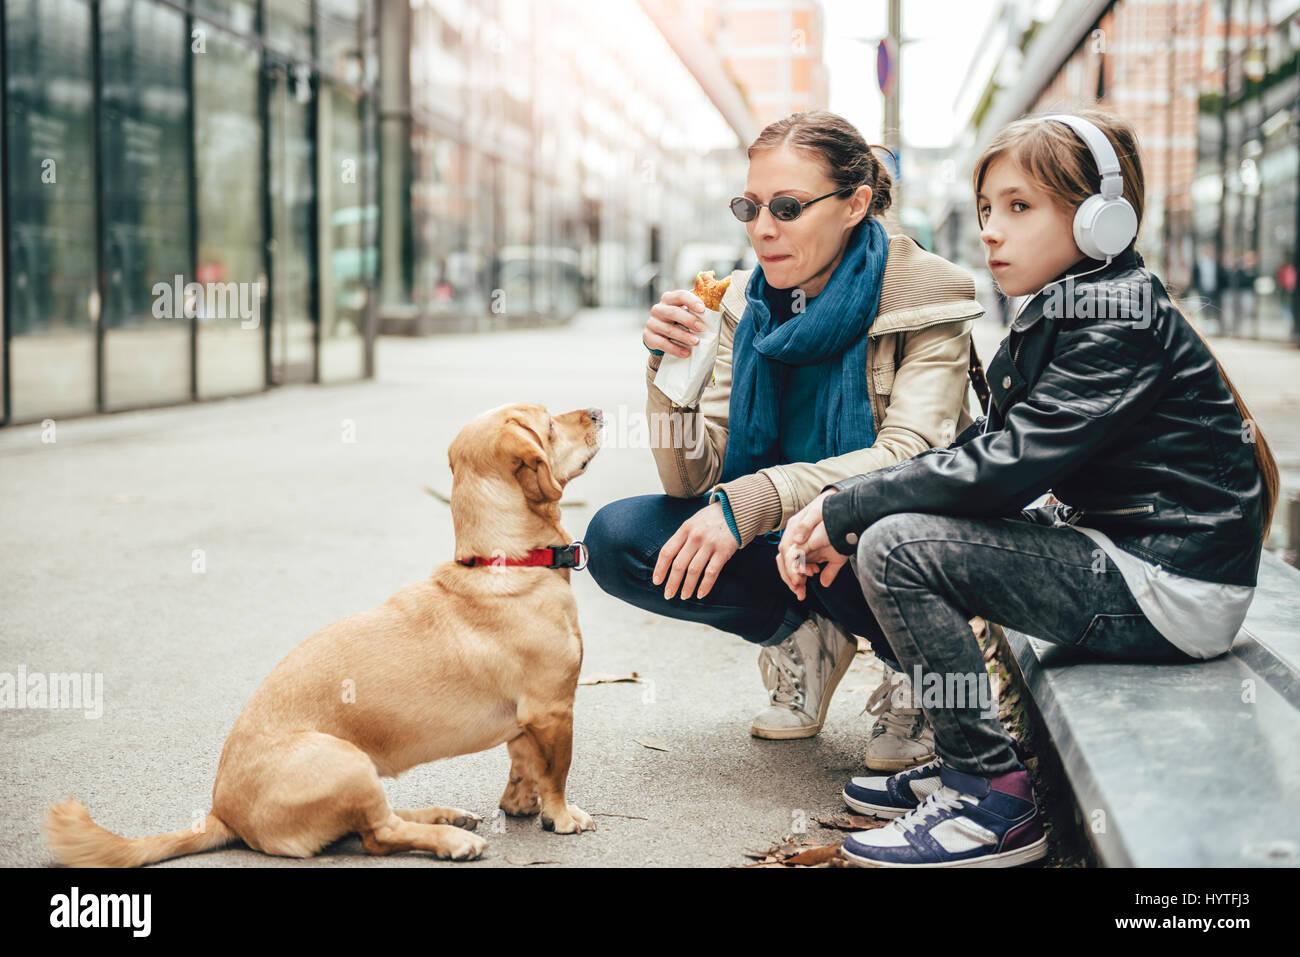 Mutter Sandwich zu essen und Blick auf einen Hund während Tochter anhören von Musik auf der Straße Stockbild